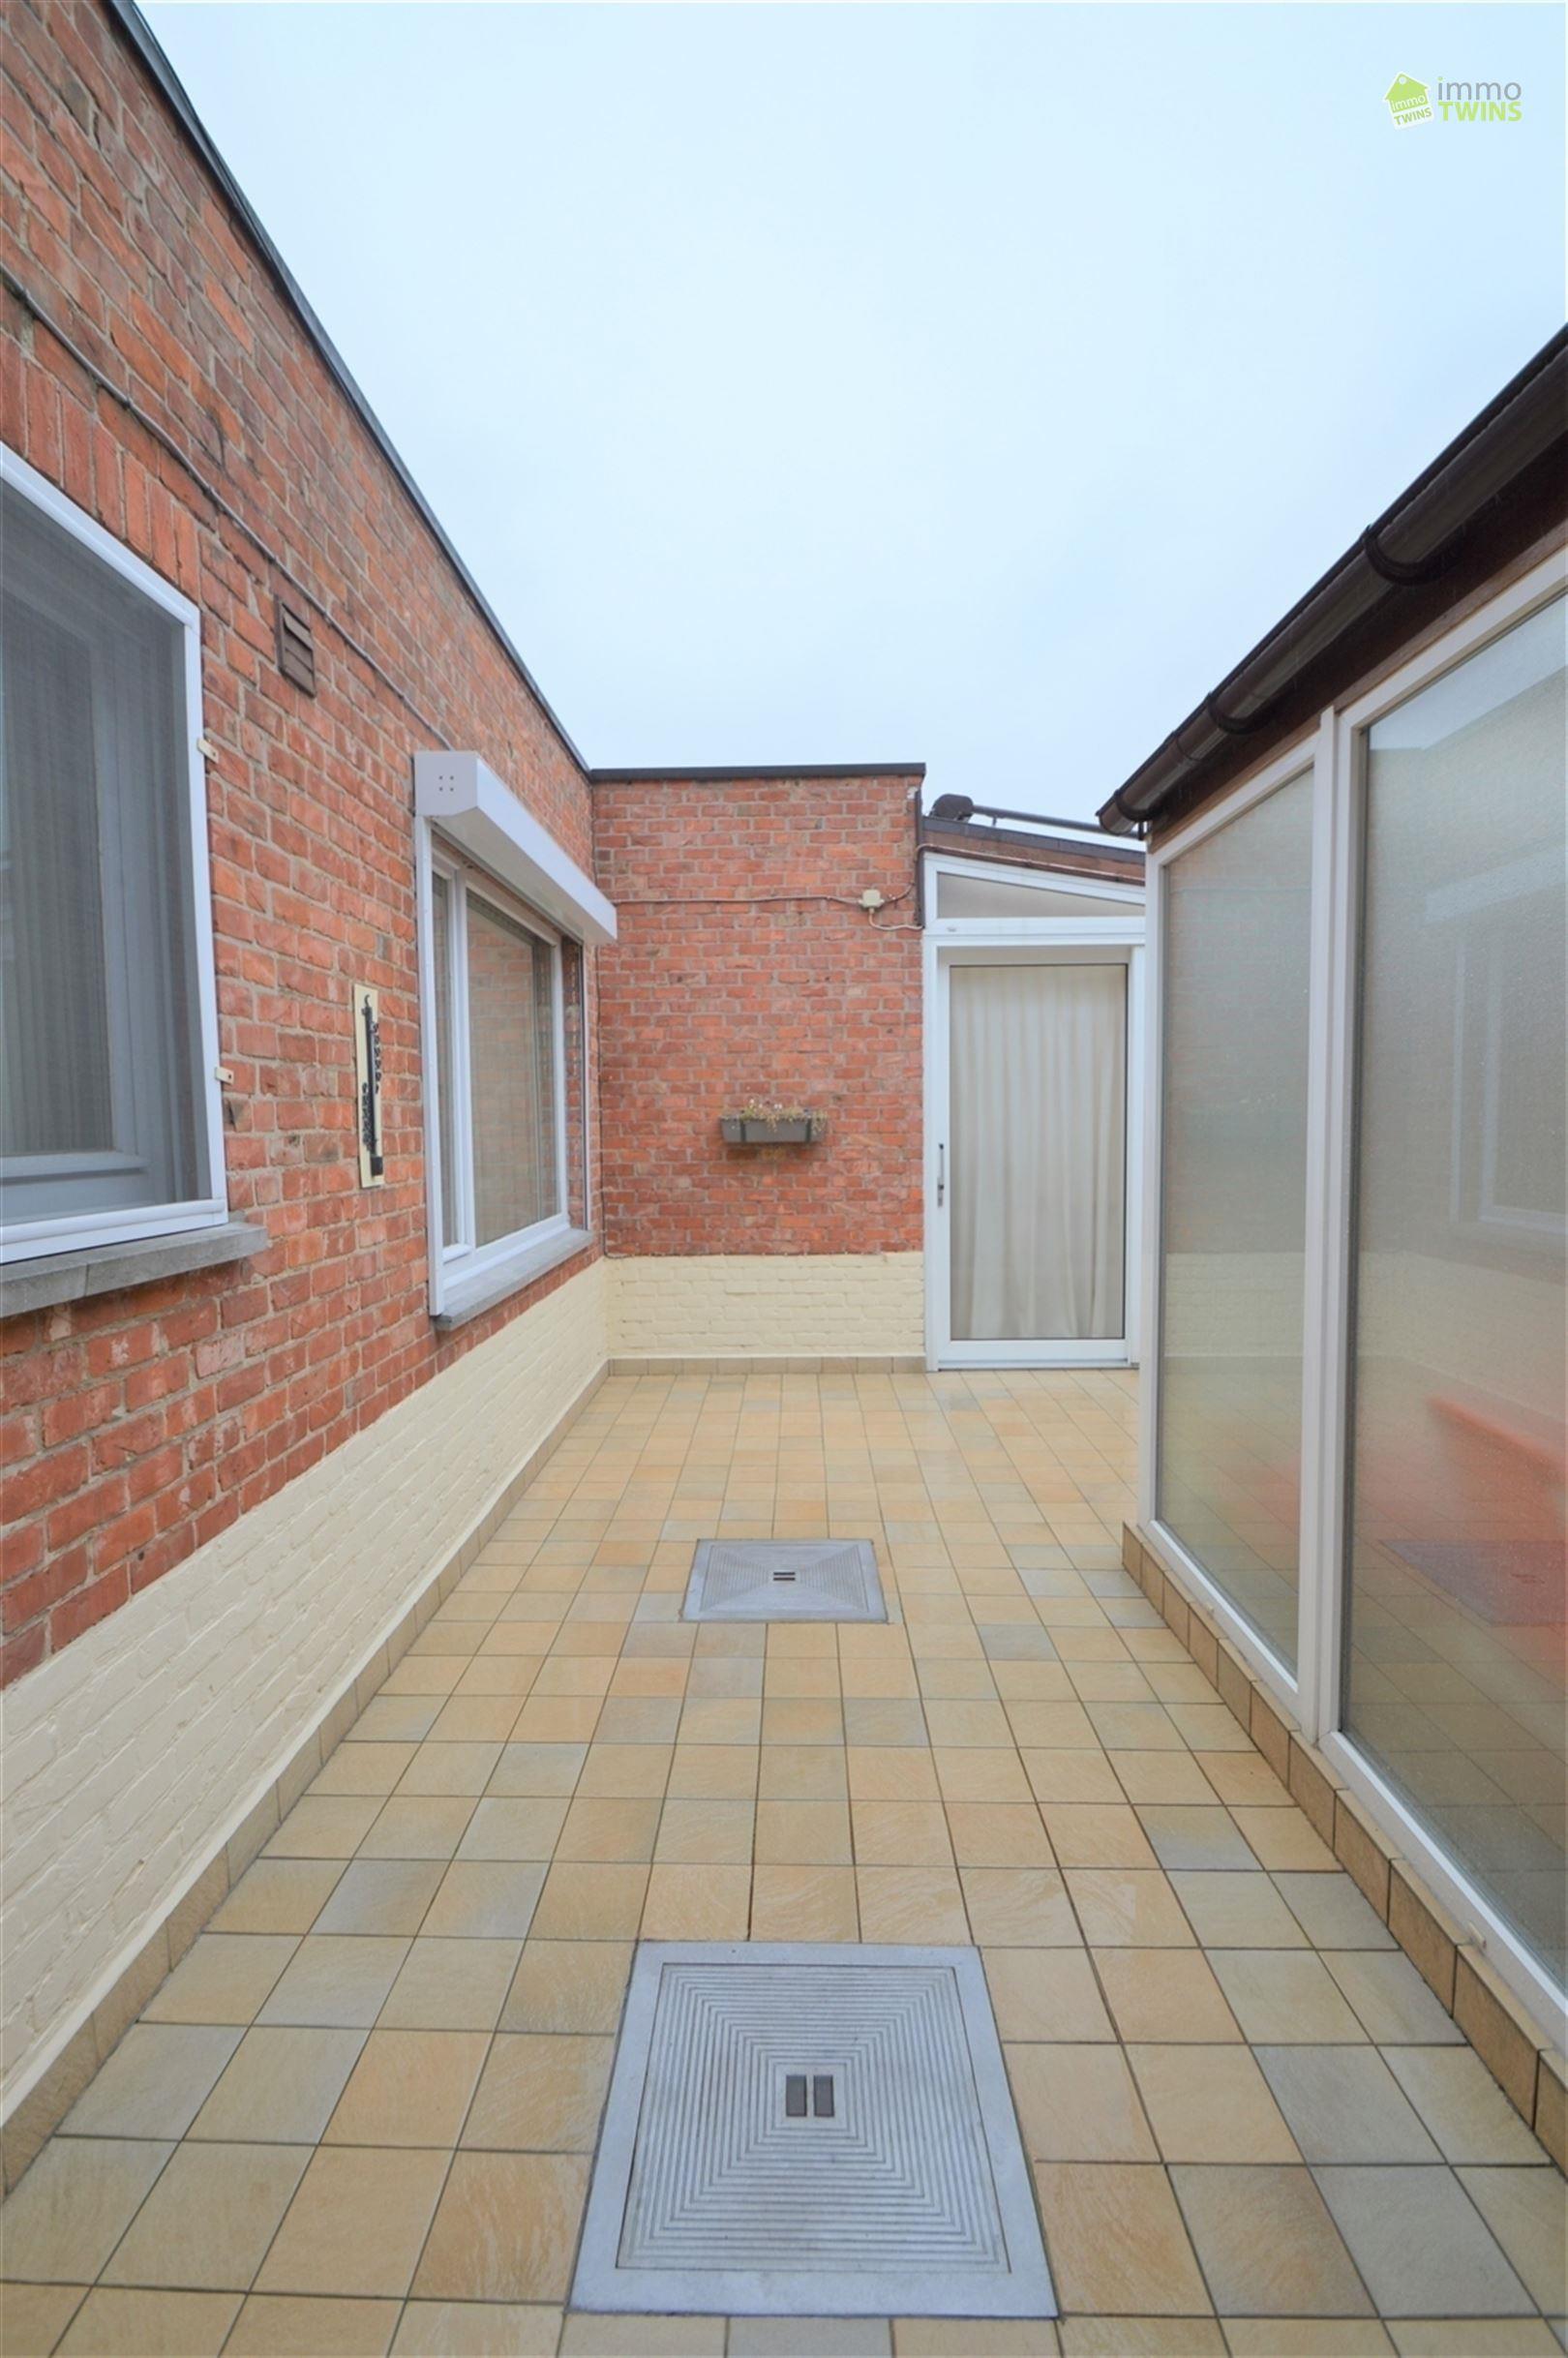 Foto 17 : Woning te 9200 Baasrode (België) - Prijs € 685